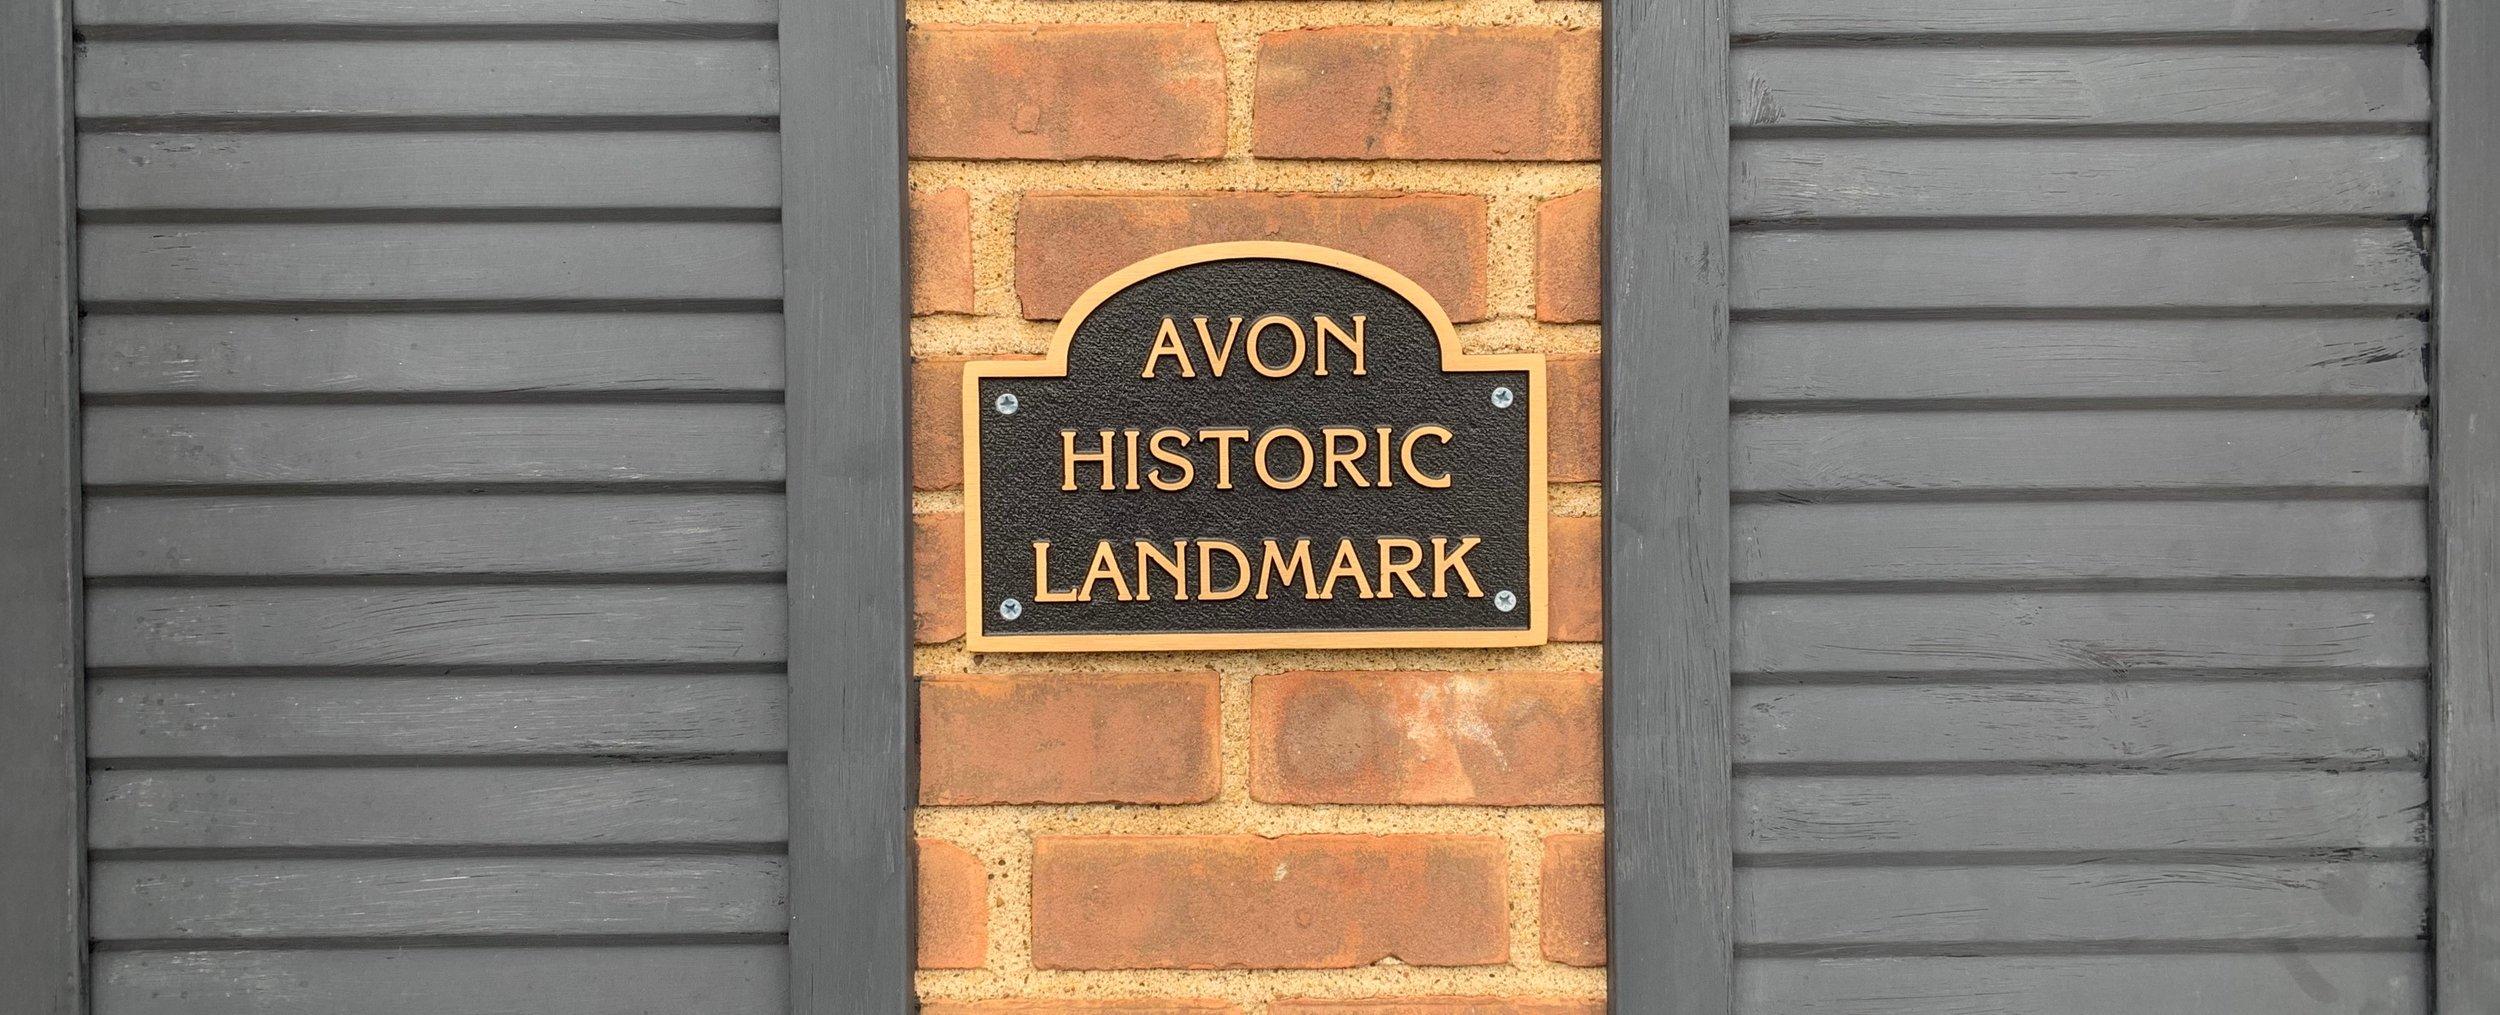 Landmark sign.JPG